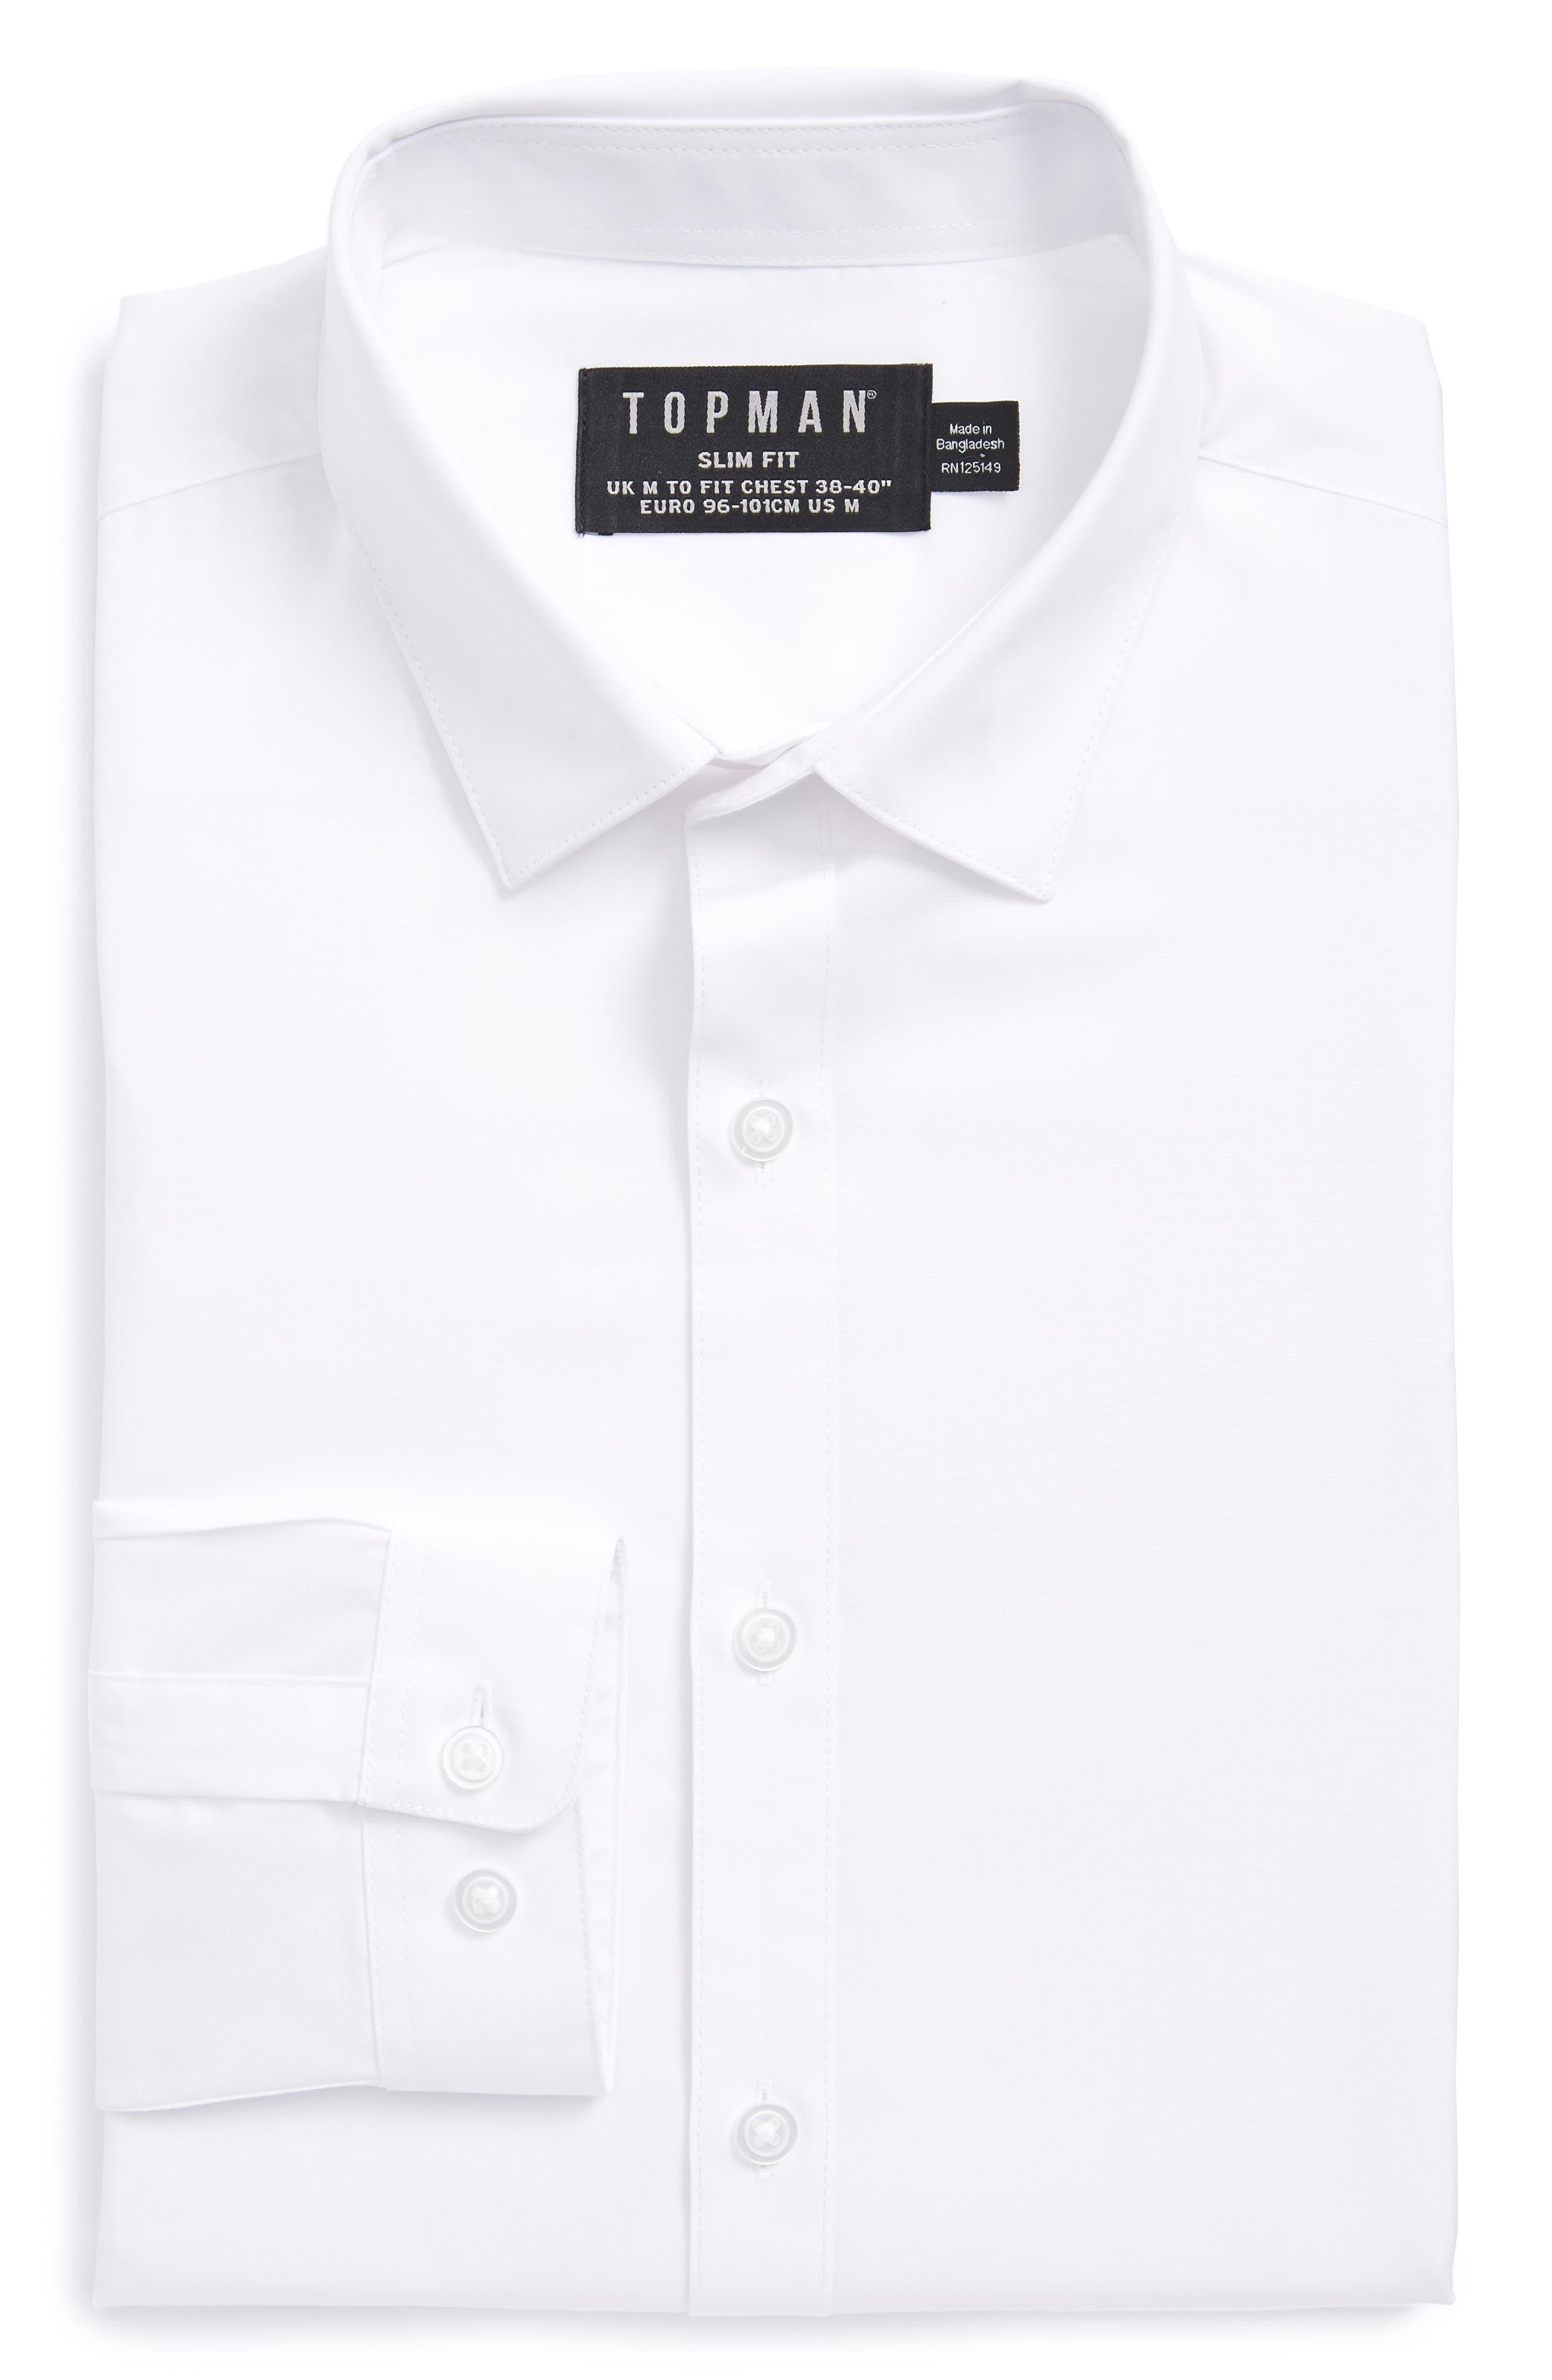 Topman Slim Fit Dress Shirt